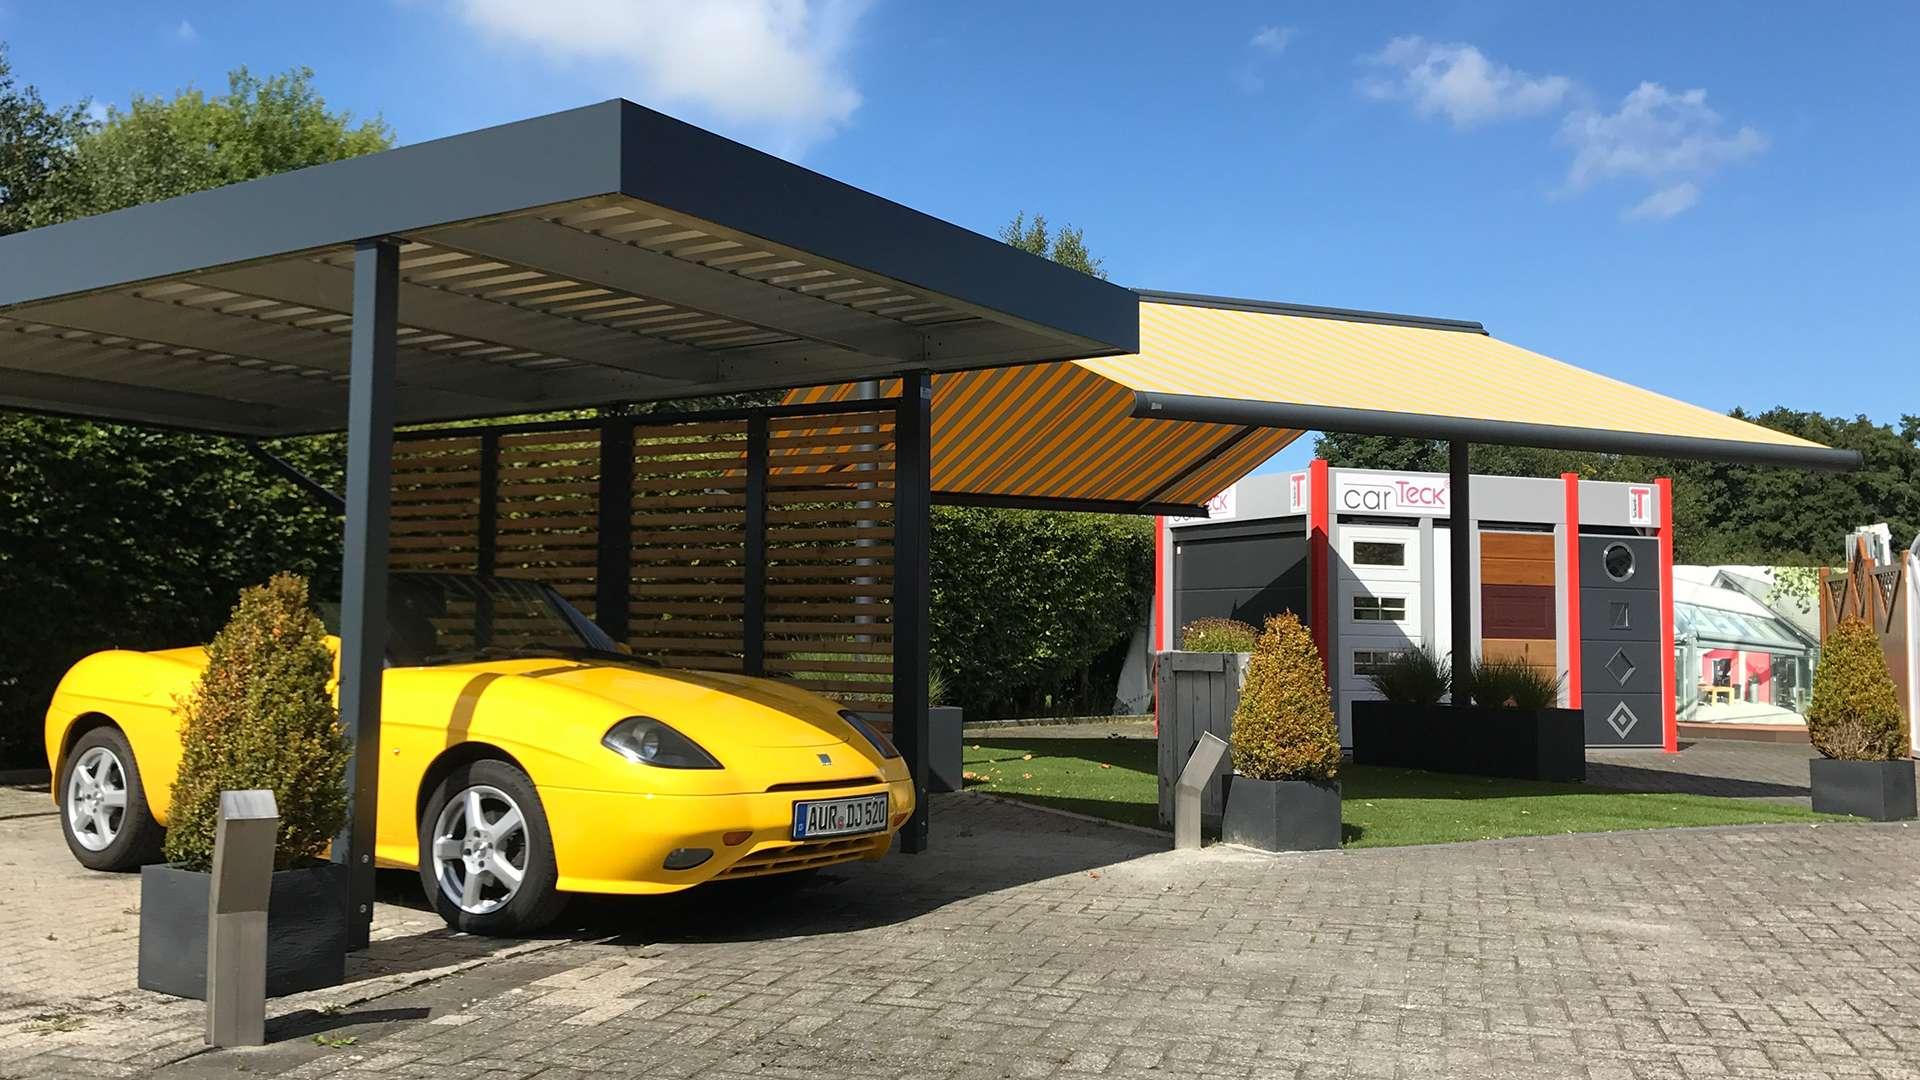 Carport mit gelben Auto in der Ausstellung von de Jonge in Norden